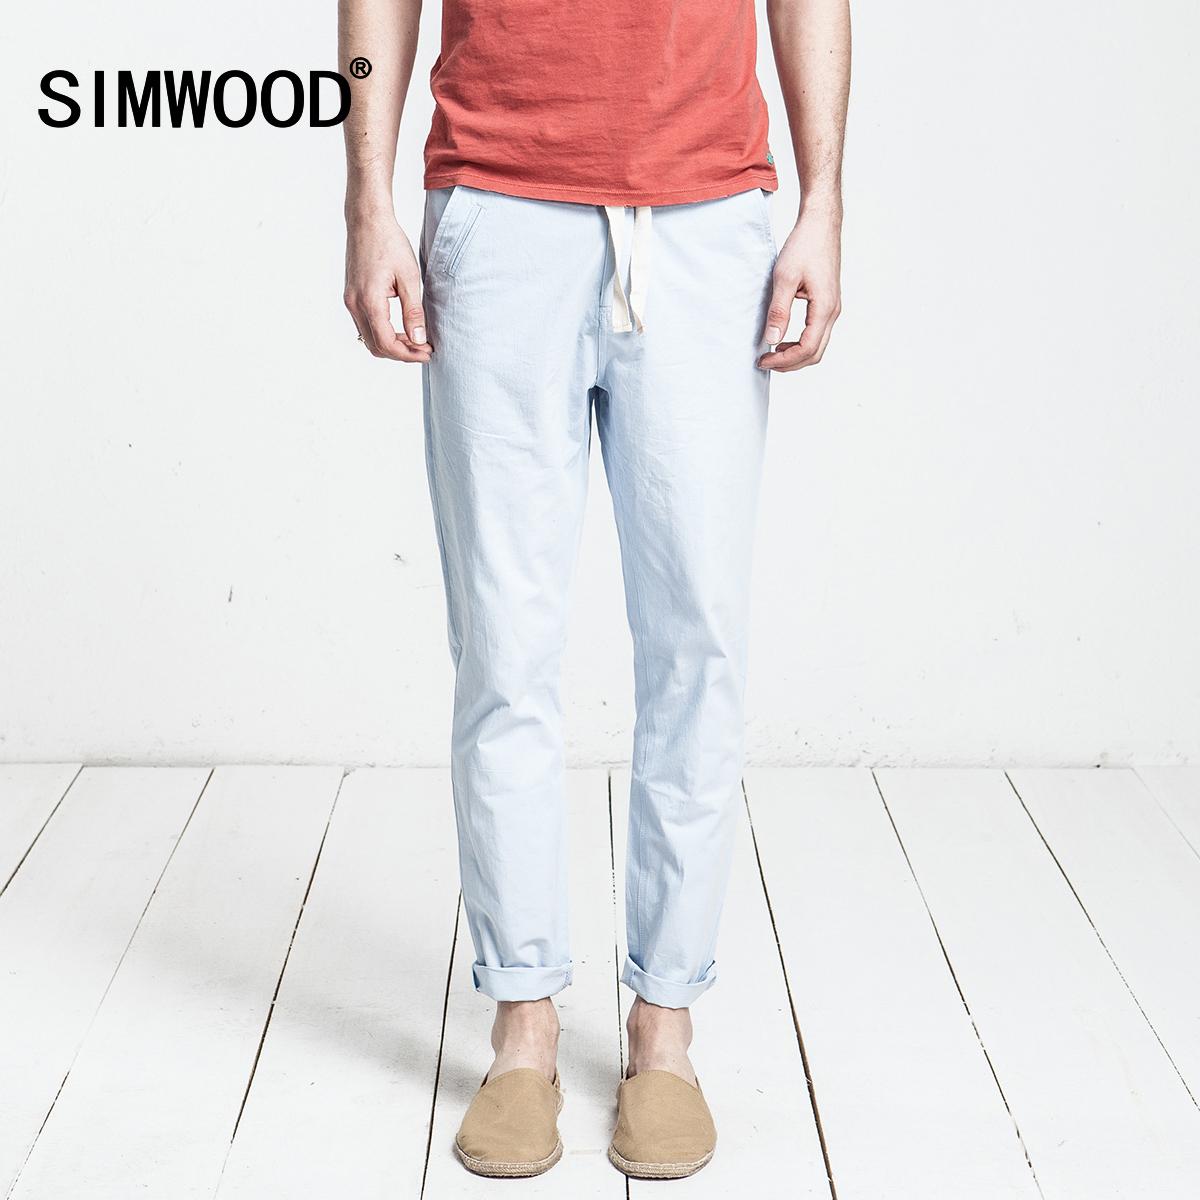 Simwood Мужская одежда Весна 2016 Мужские повседневные брюки, Мужские брюки, гарем брюки связанные ноги в Европе и ветер брюки бум